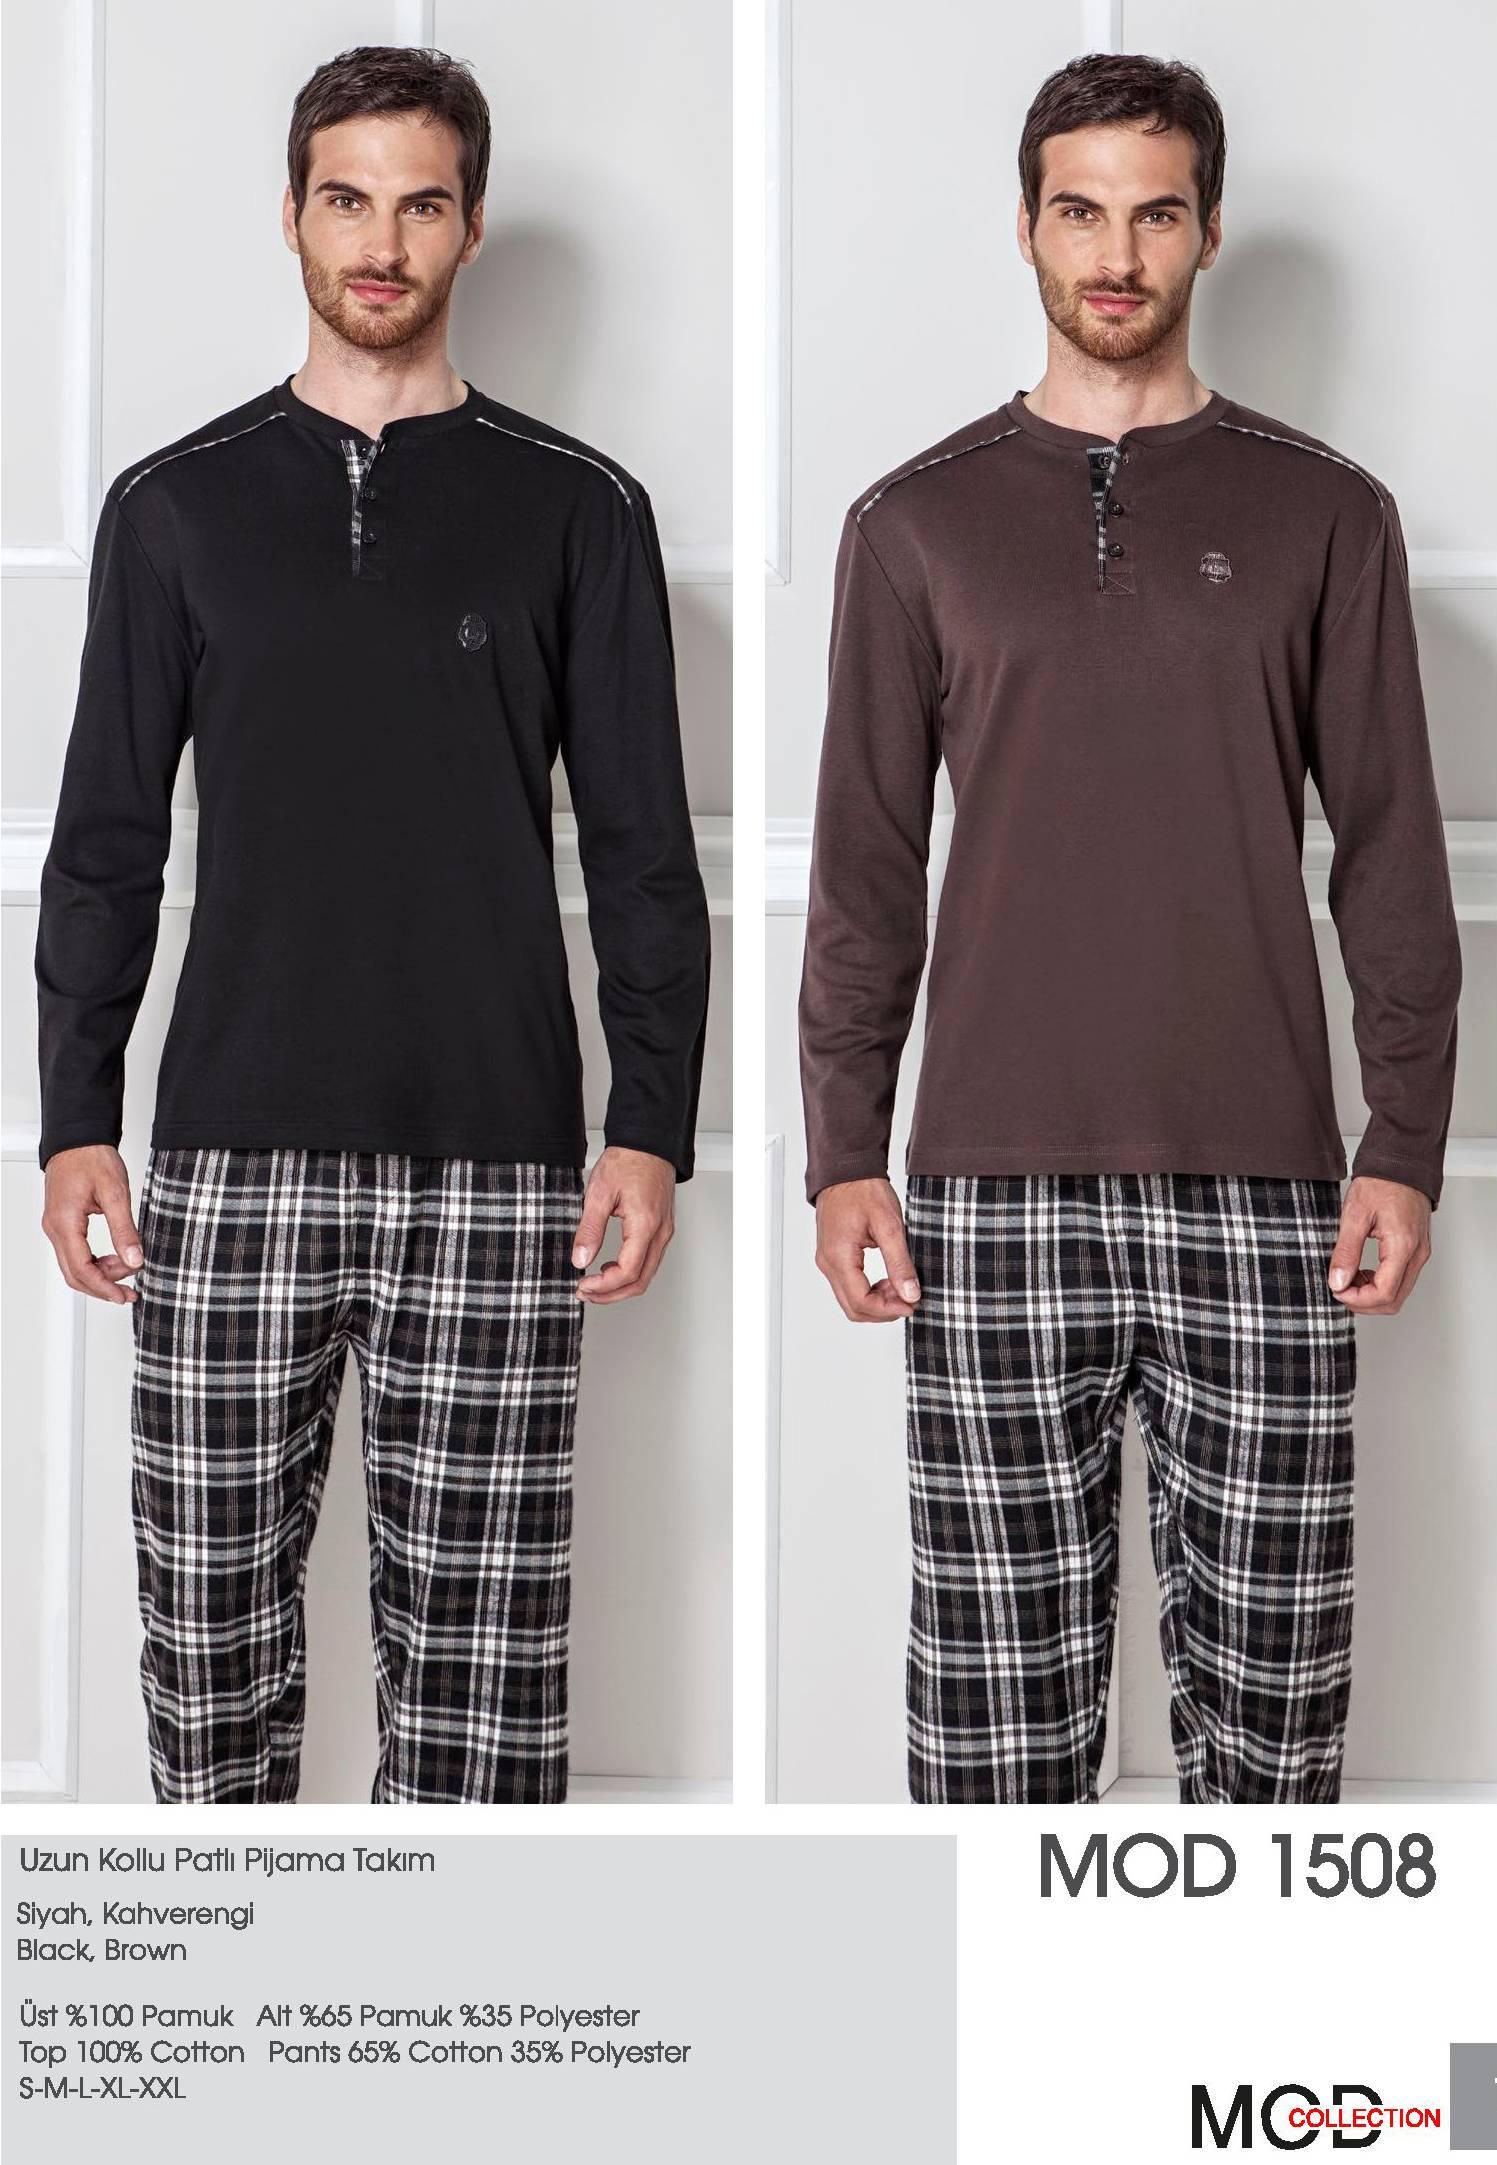 Mod Collection Bay Uzun Kollu Patlı Pijama Takım 1508